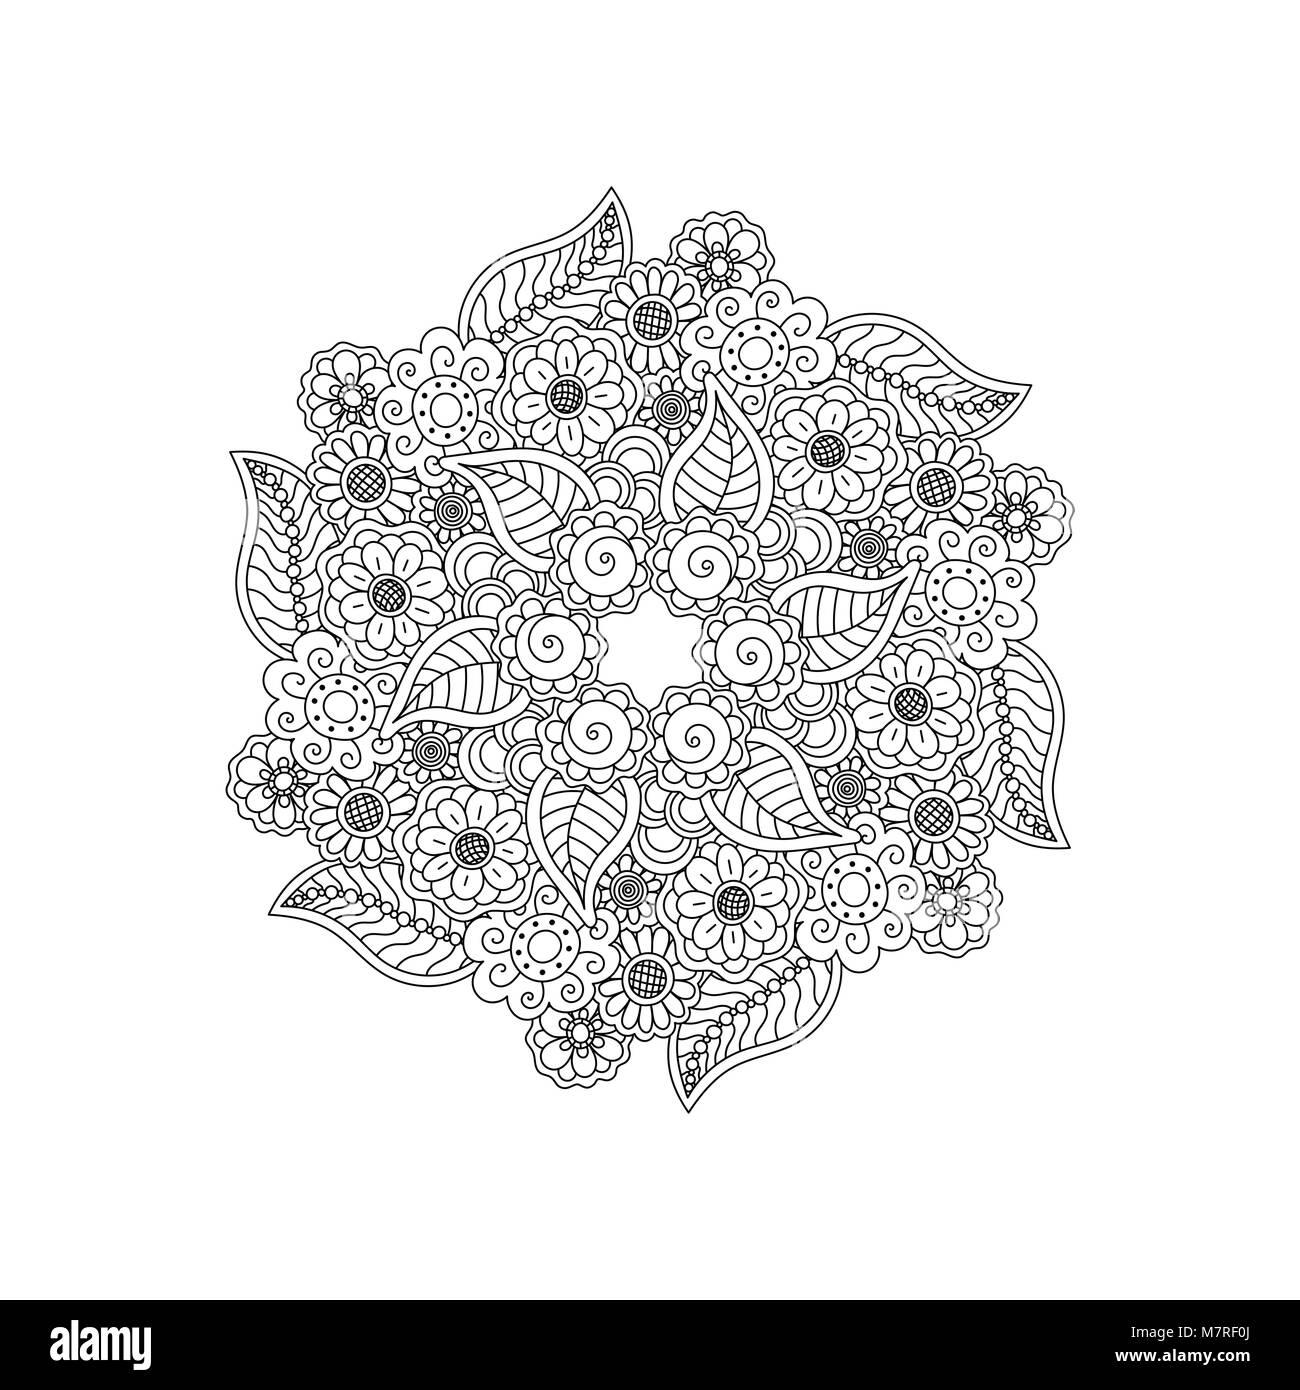 Vector Black Deco Floral Mandala Element De Design A Motifs La Page De Coloriage Pour Adultes Antistress Image Vectorielle Stock Alamy